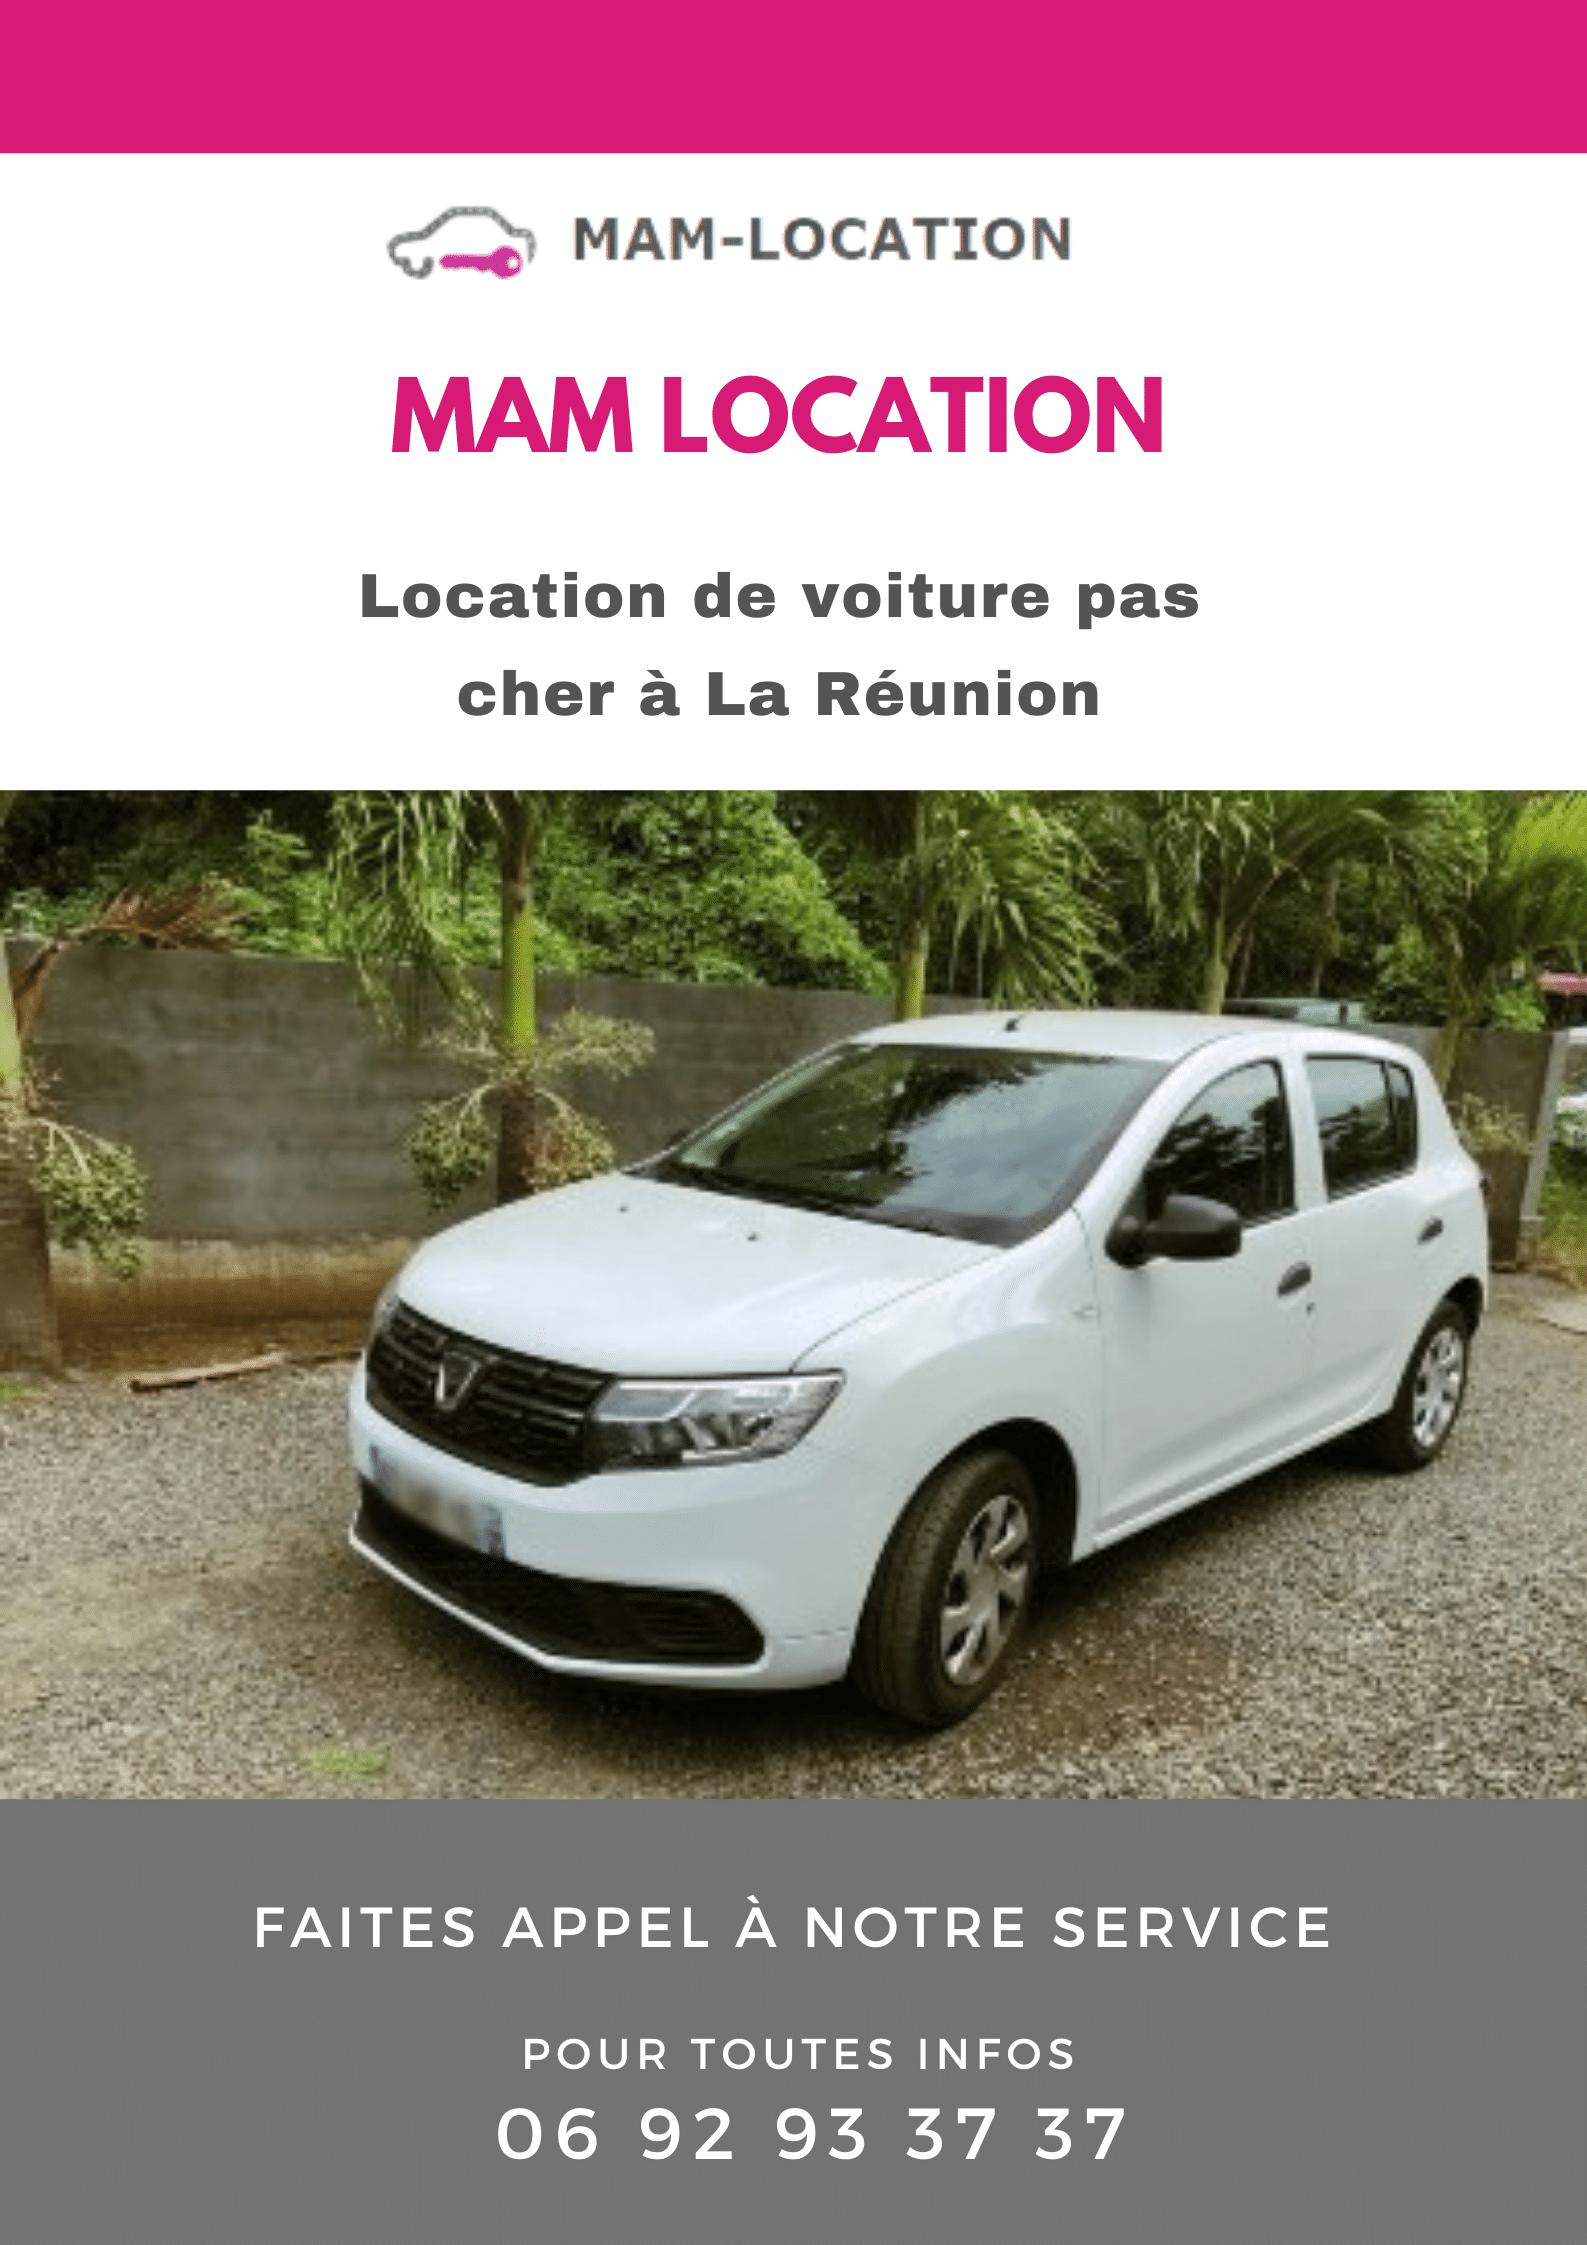 location_voiture_pas_cher_La_reunion